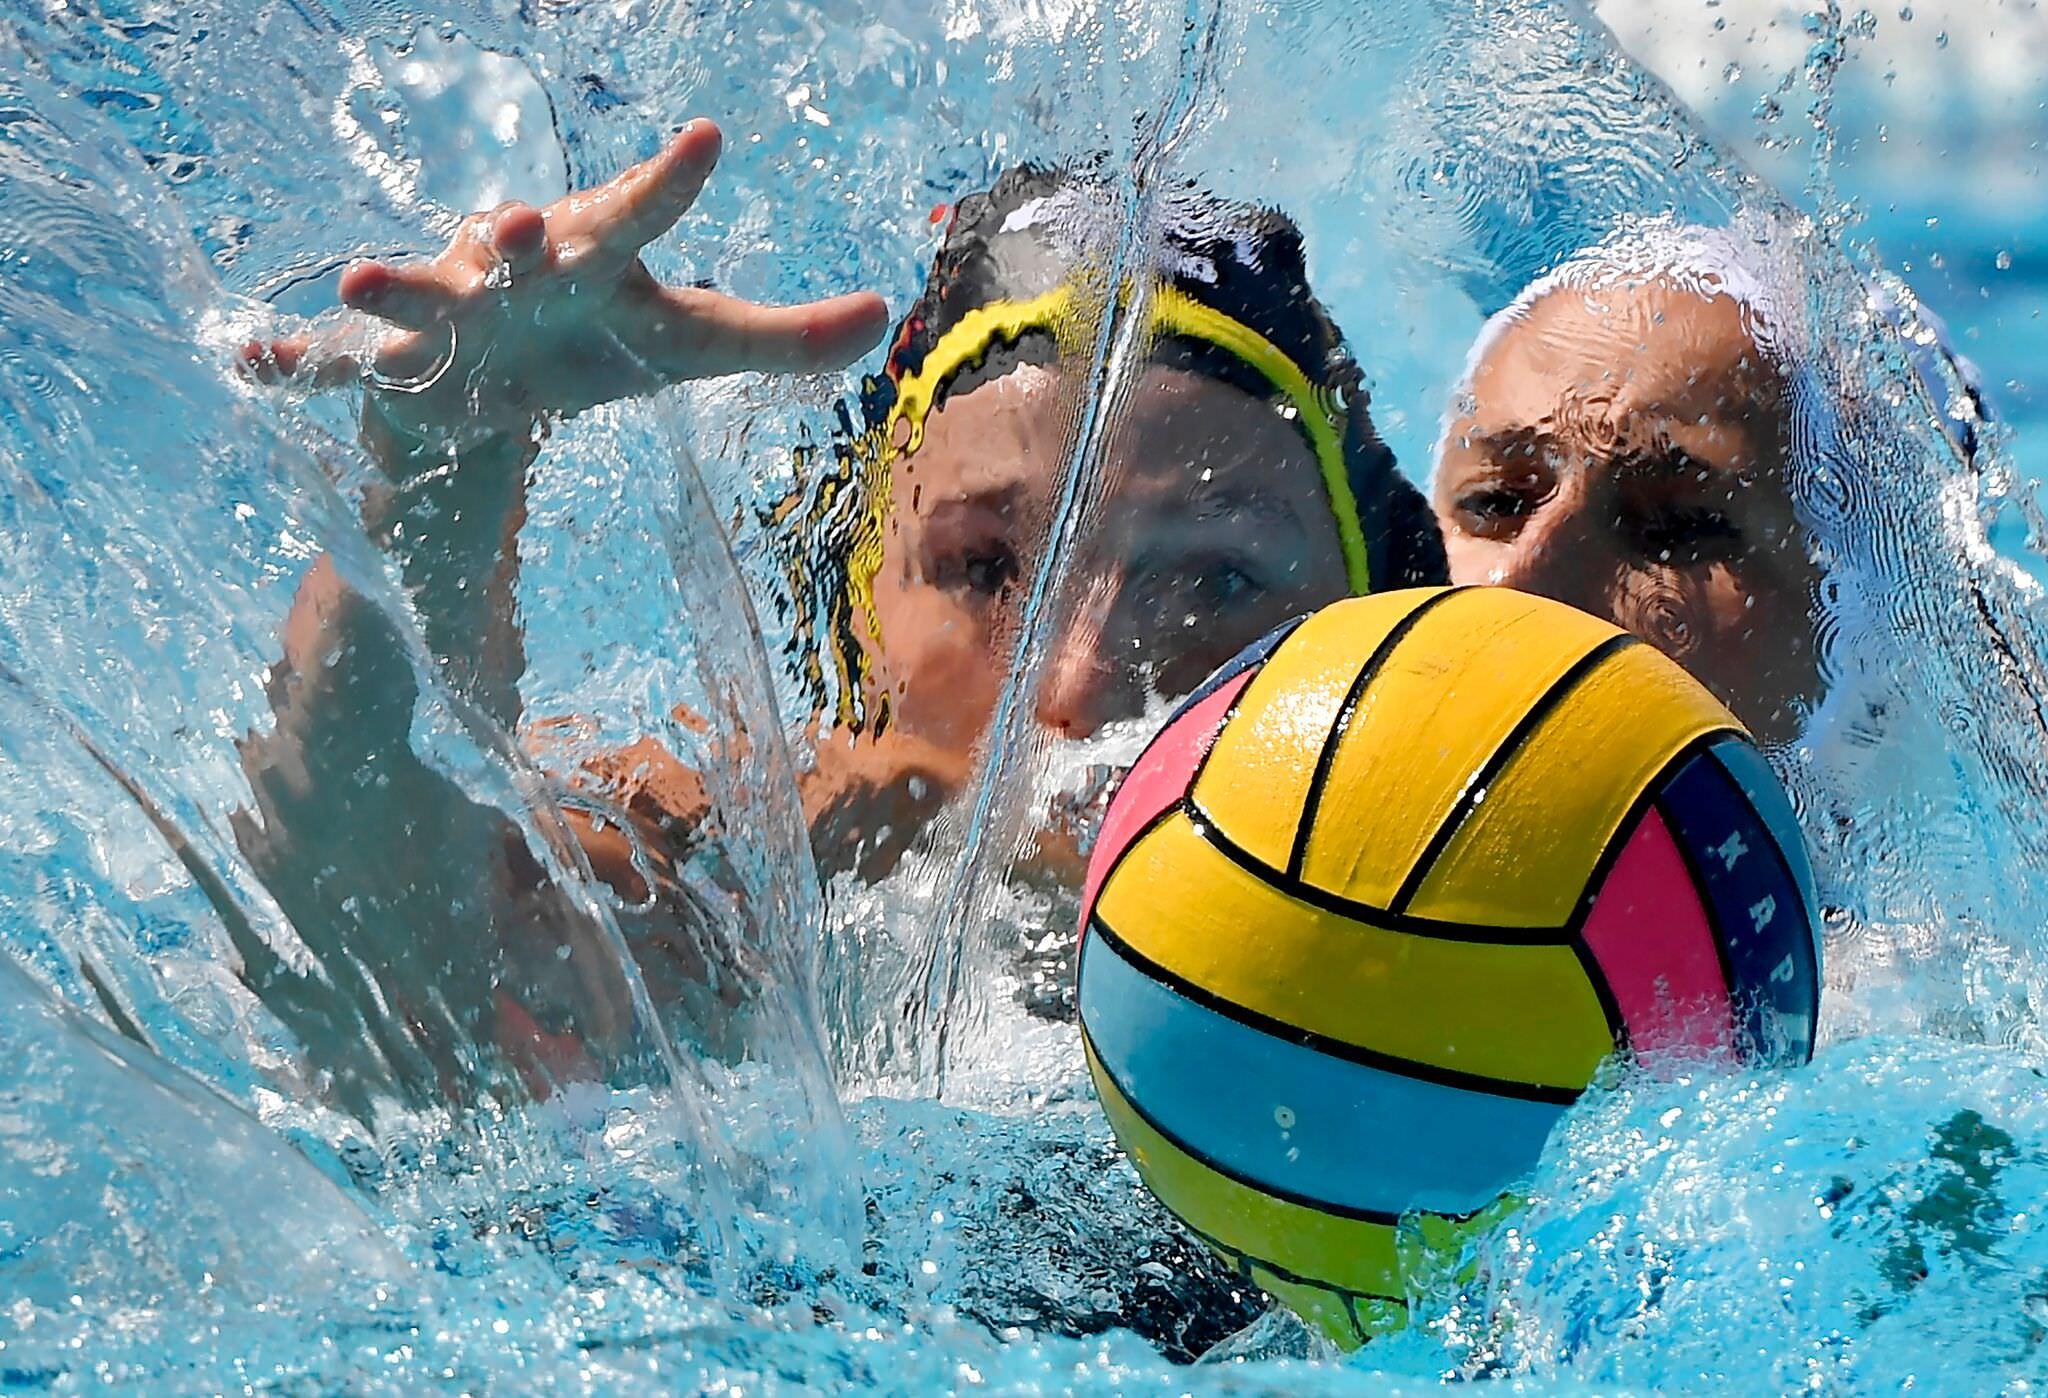 Sport (egyedi) 2. díj: Illyés Tibor (MTI/MTVA): Vízfüggöny mögött